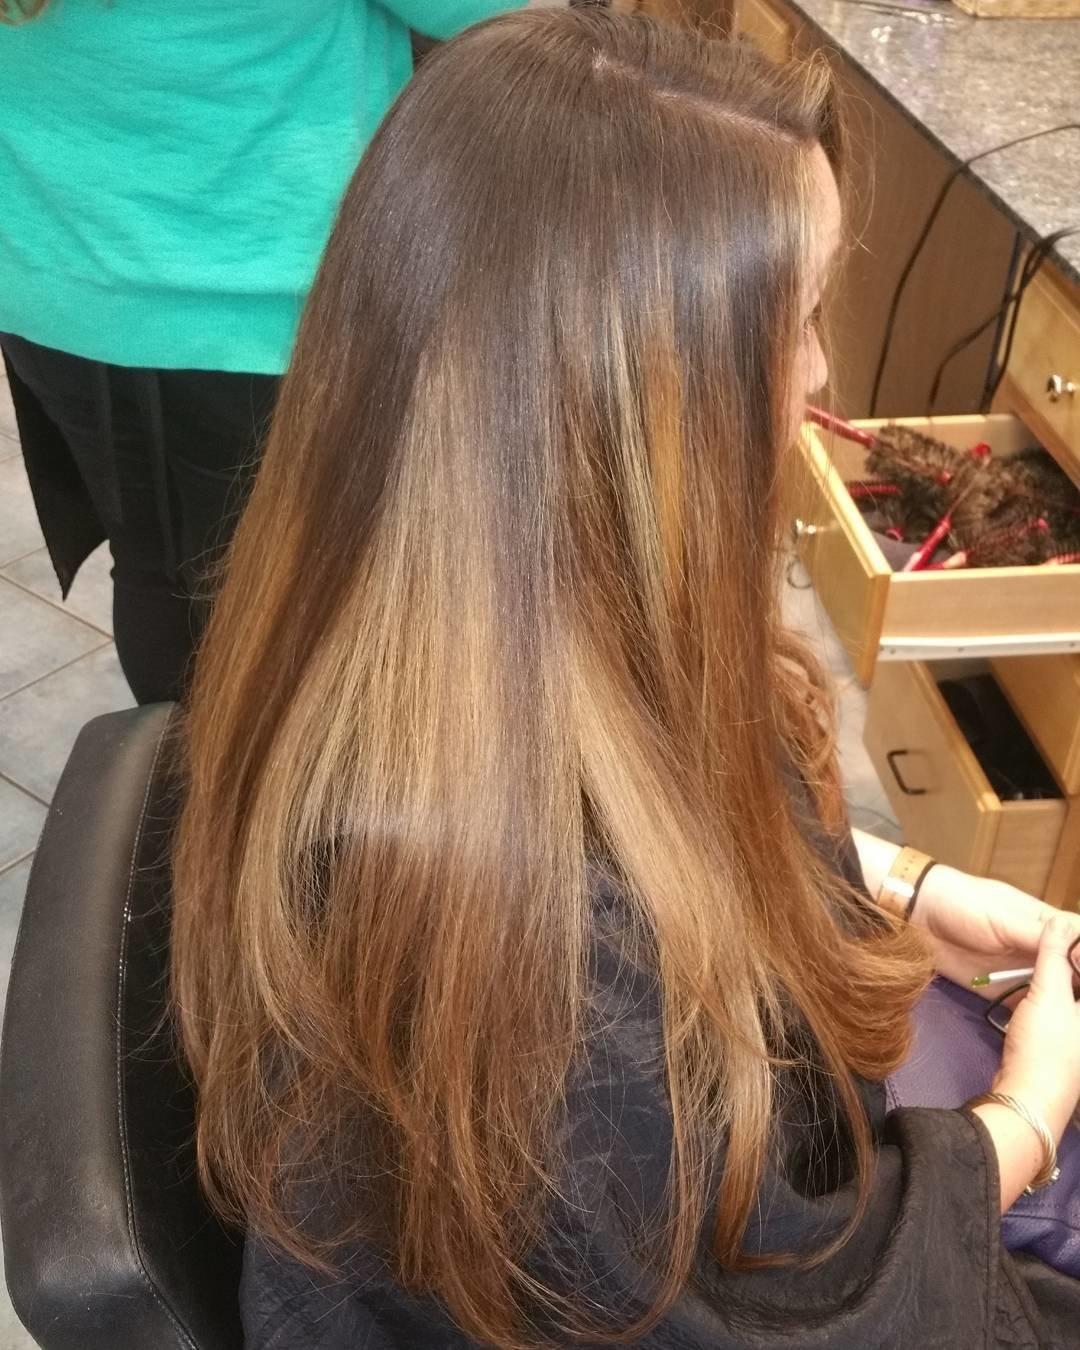 Сделать волосы темными без краски в домашних условиях